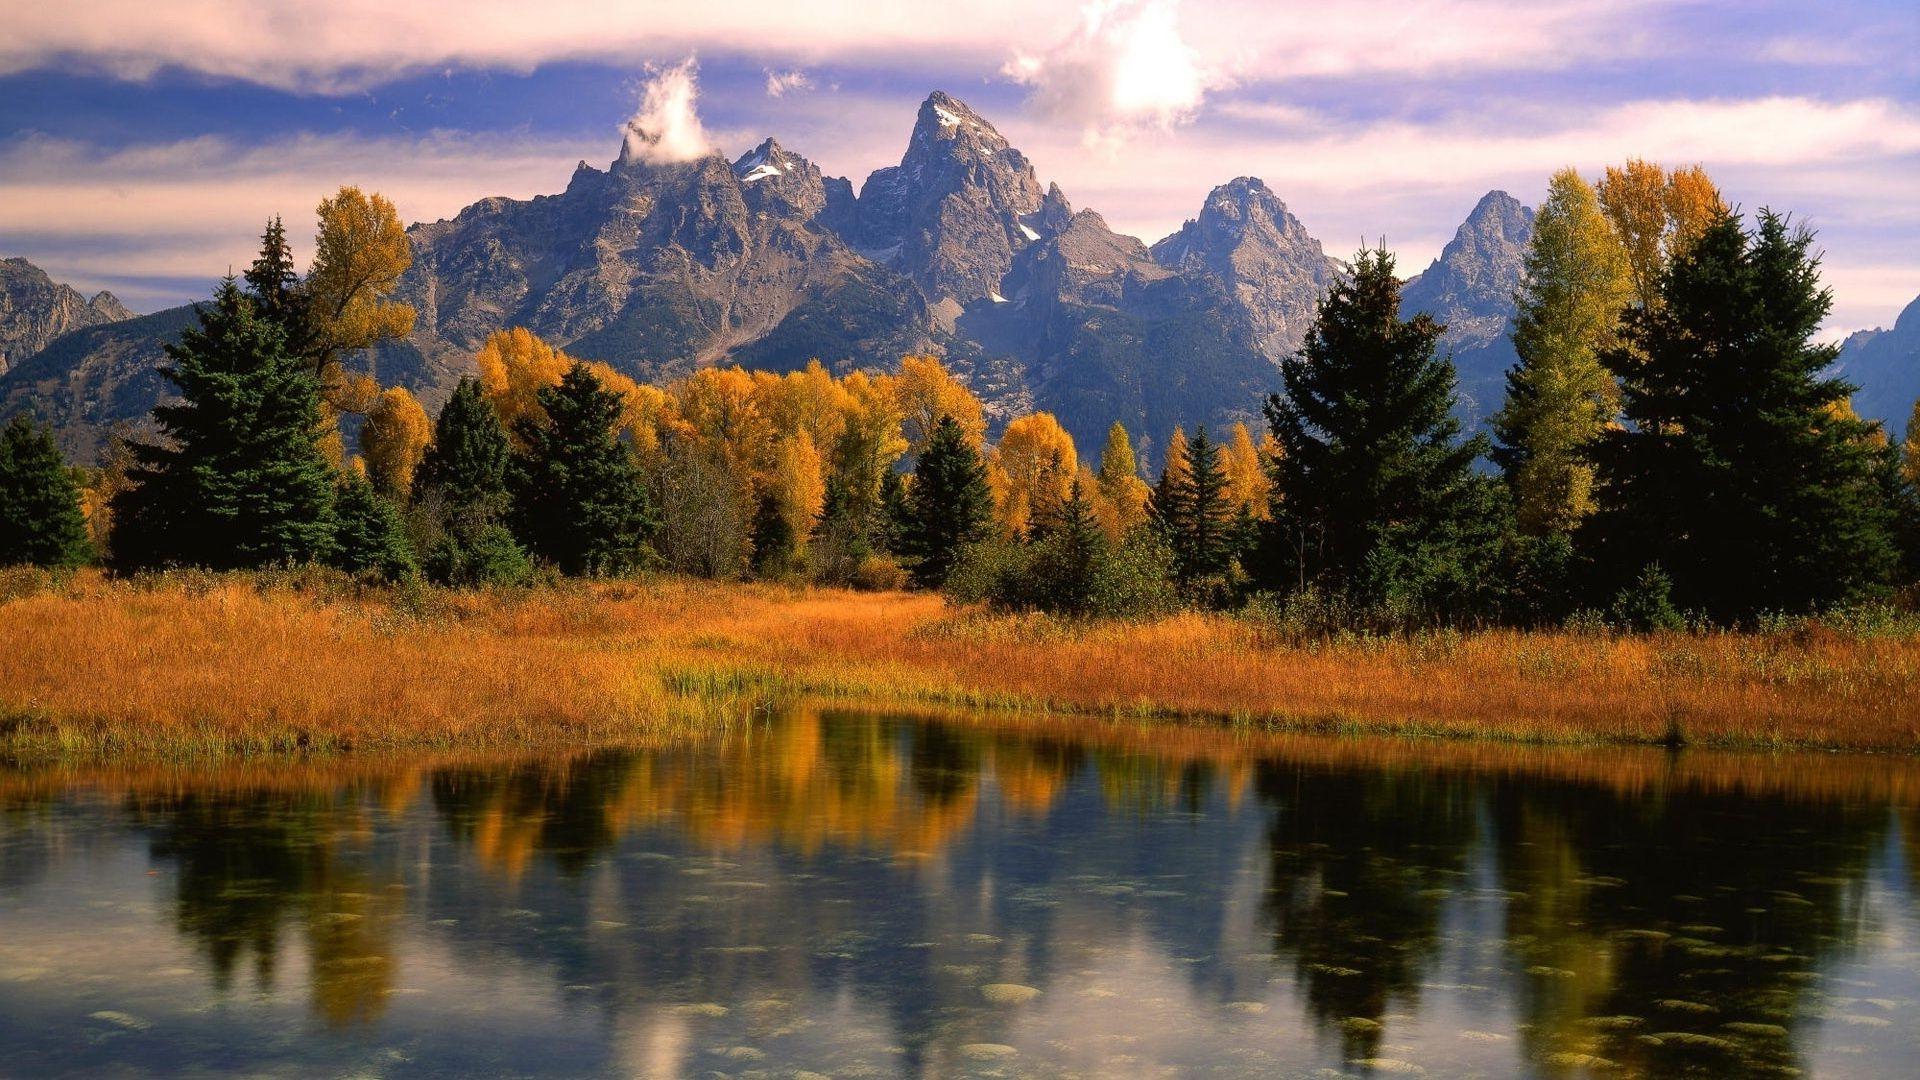 природа деревья осень озеро отражение горы онлайн